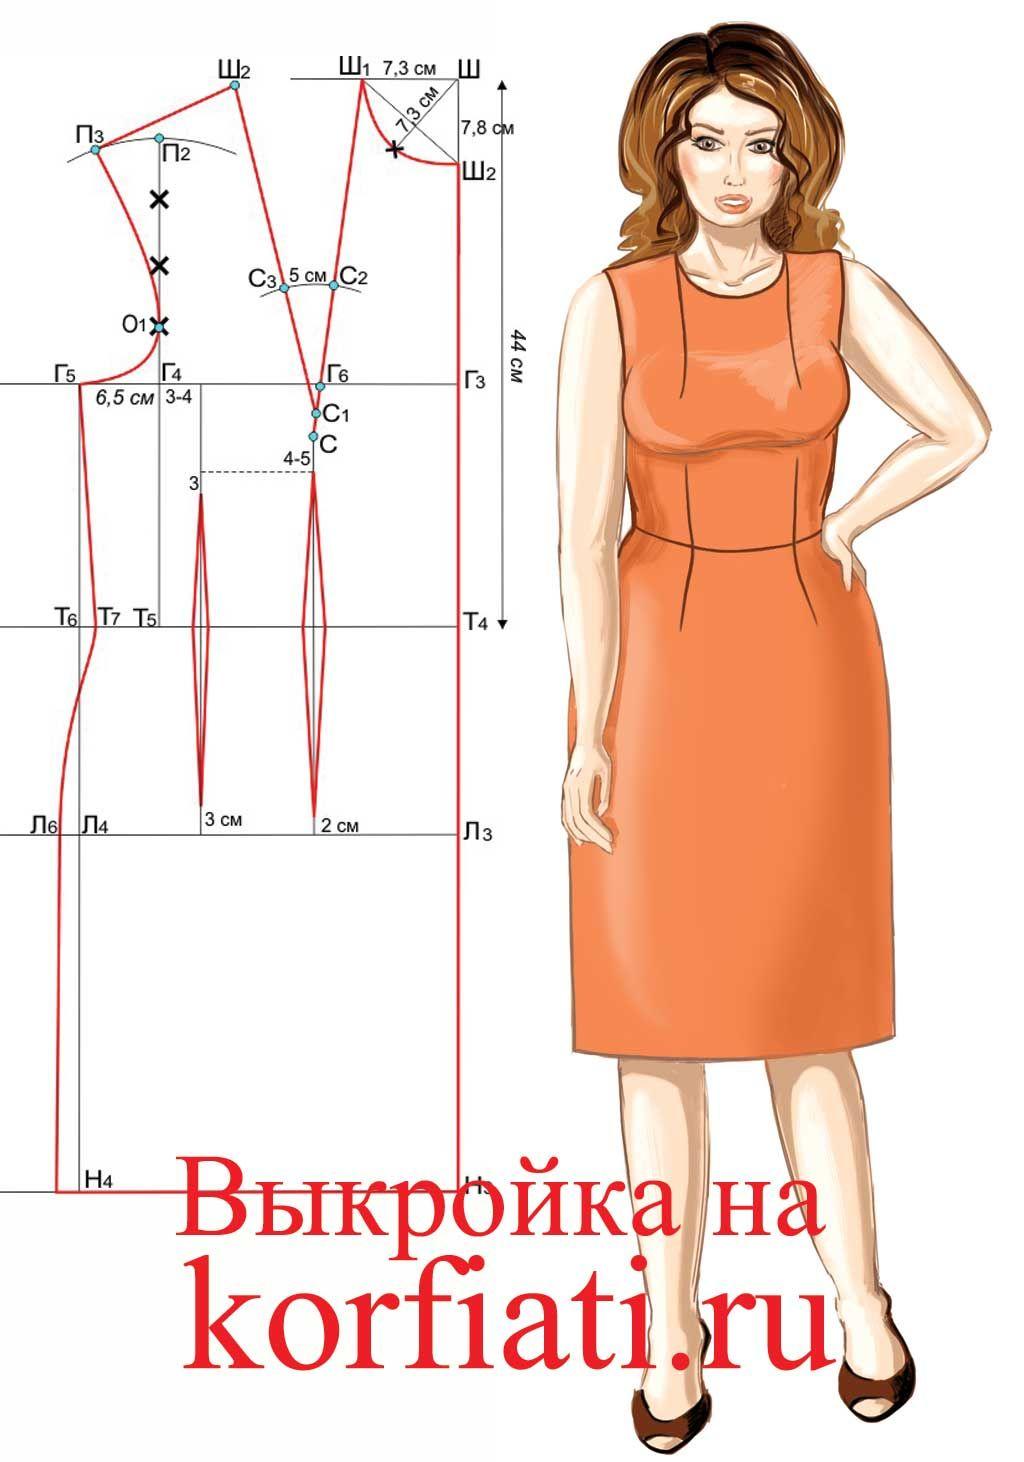 Выкройка готового женского платья фото 746